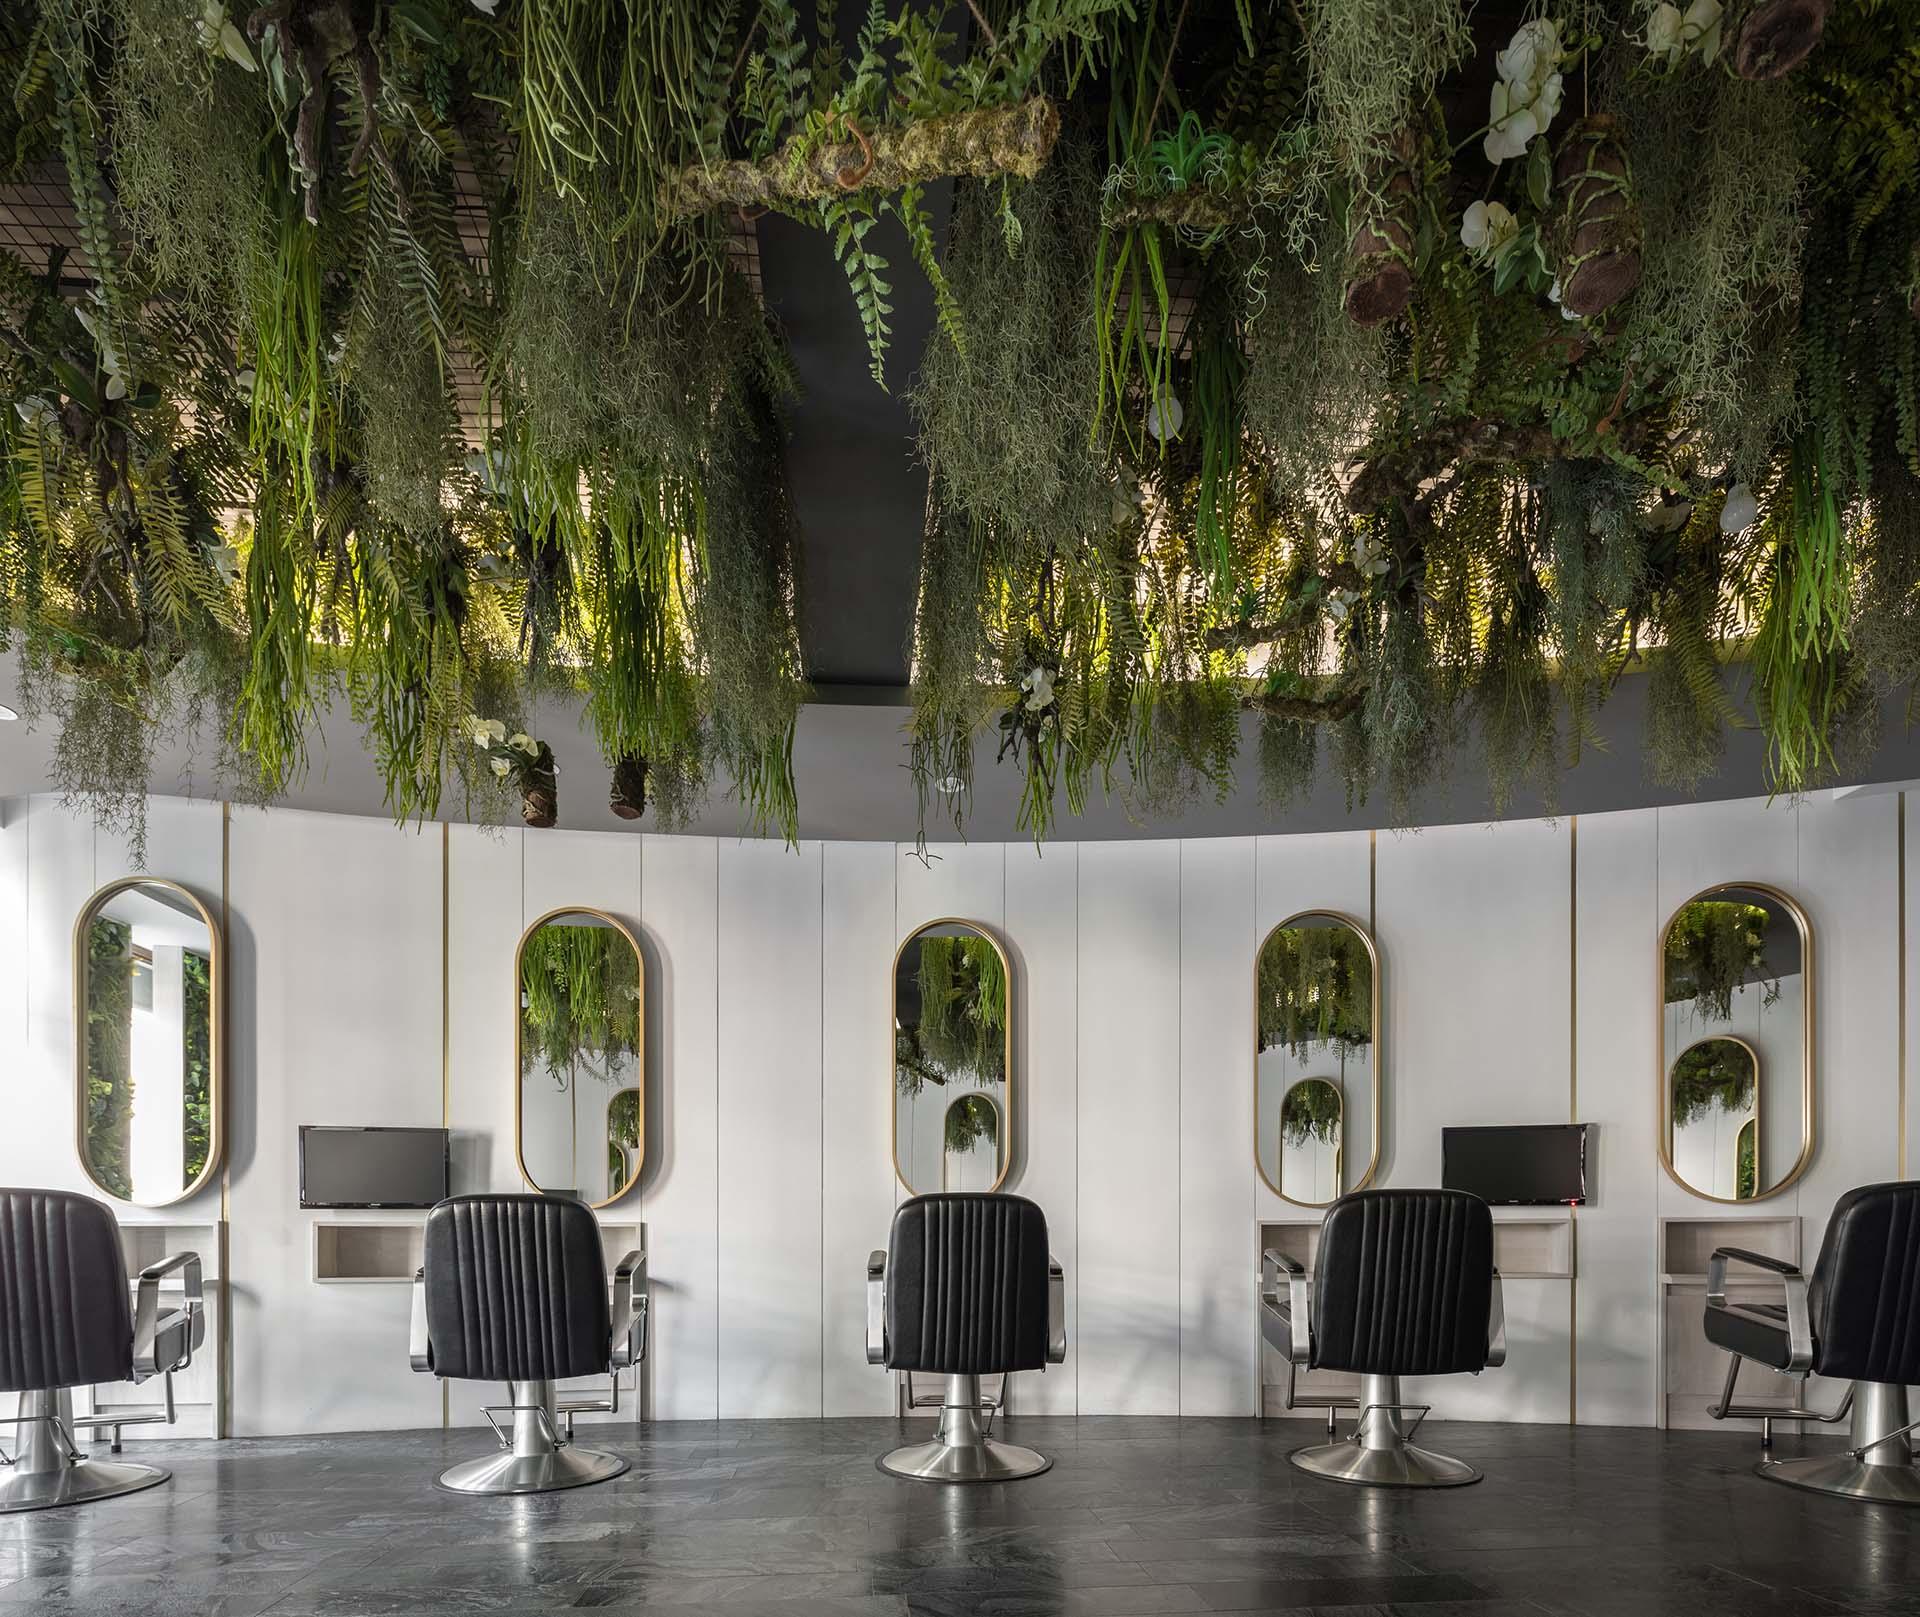 Vibrant Hair Salon by Jacksam Yang